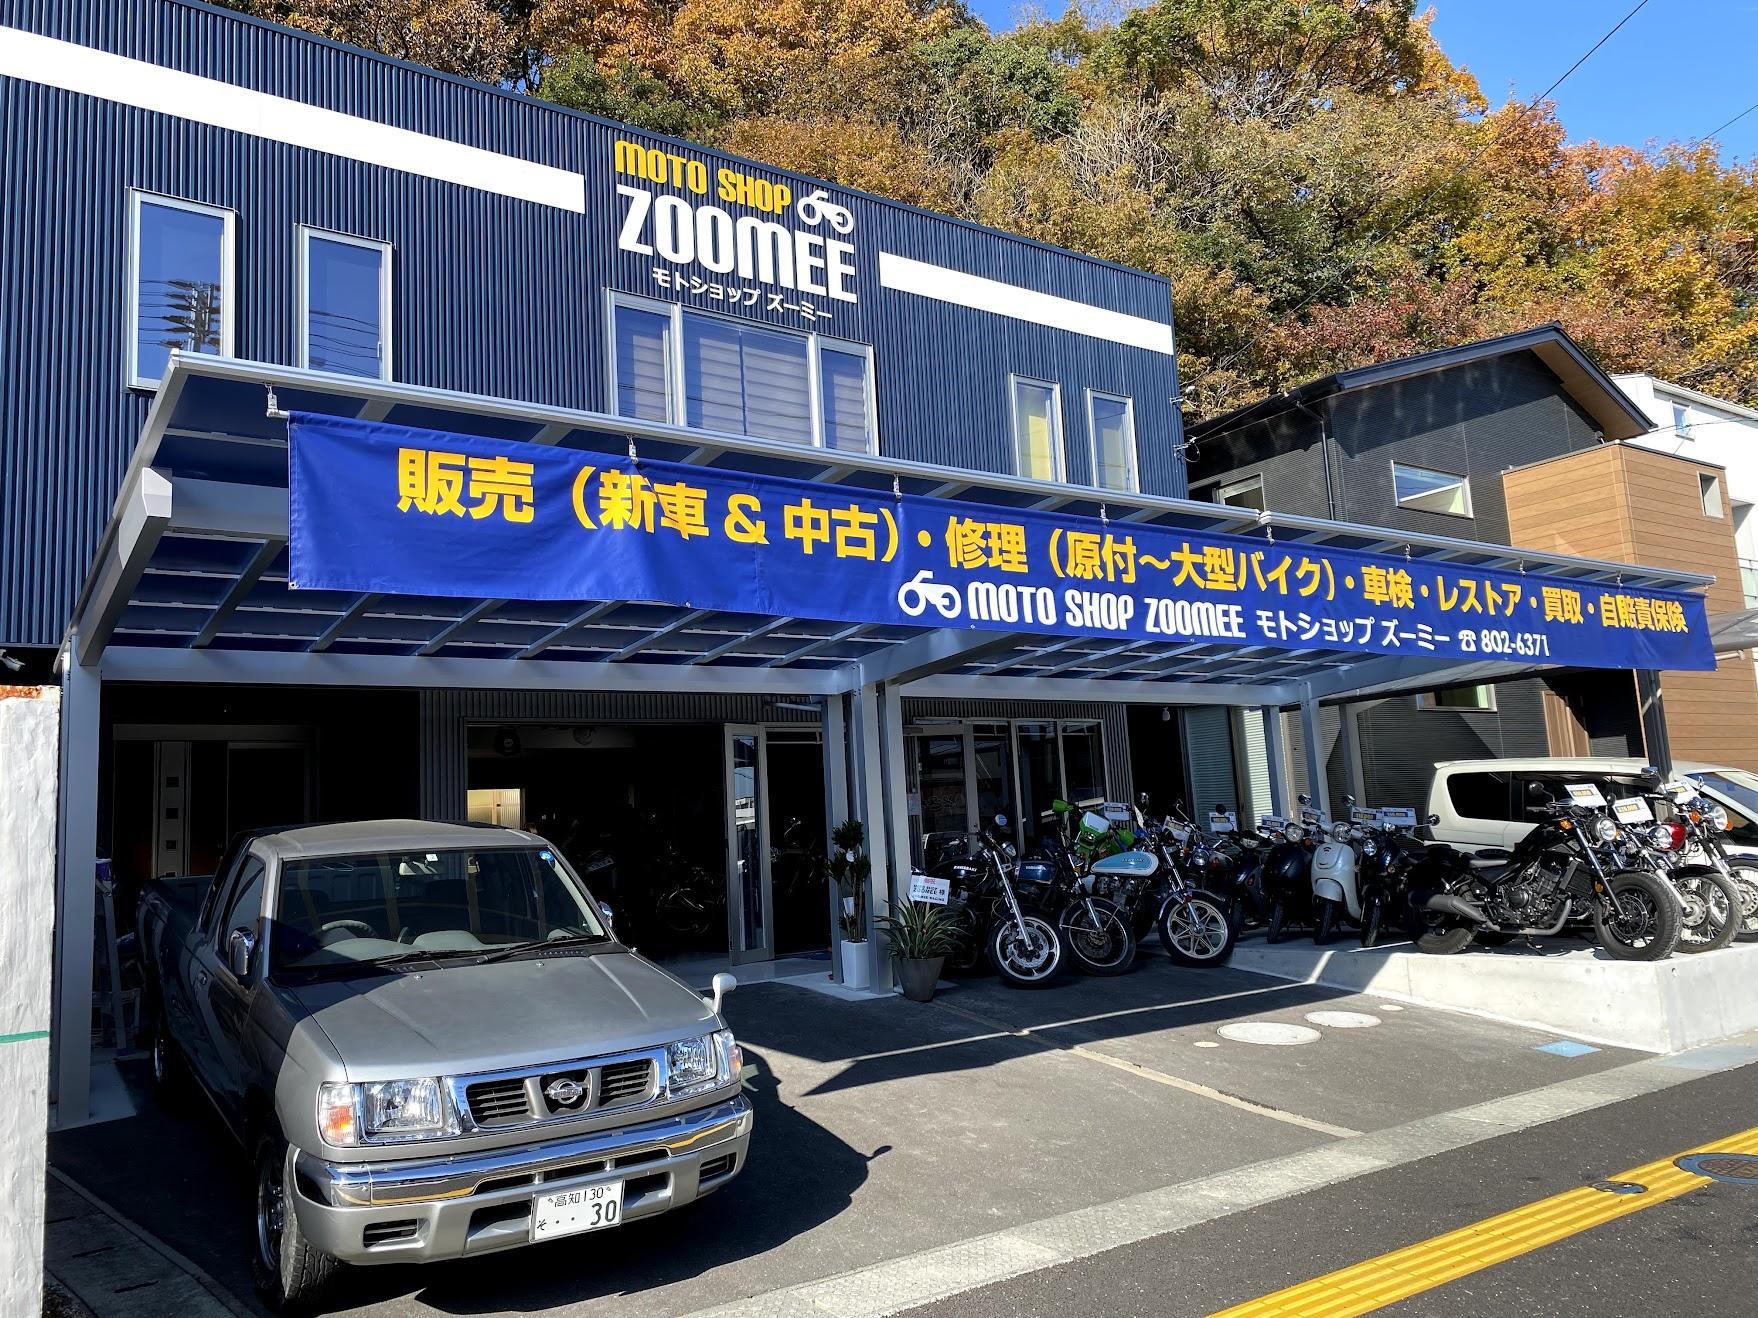 MOTO SHOP ZUUMEE